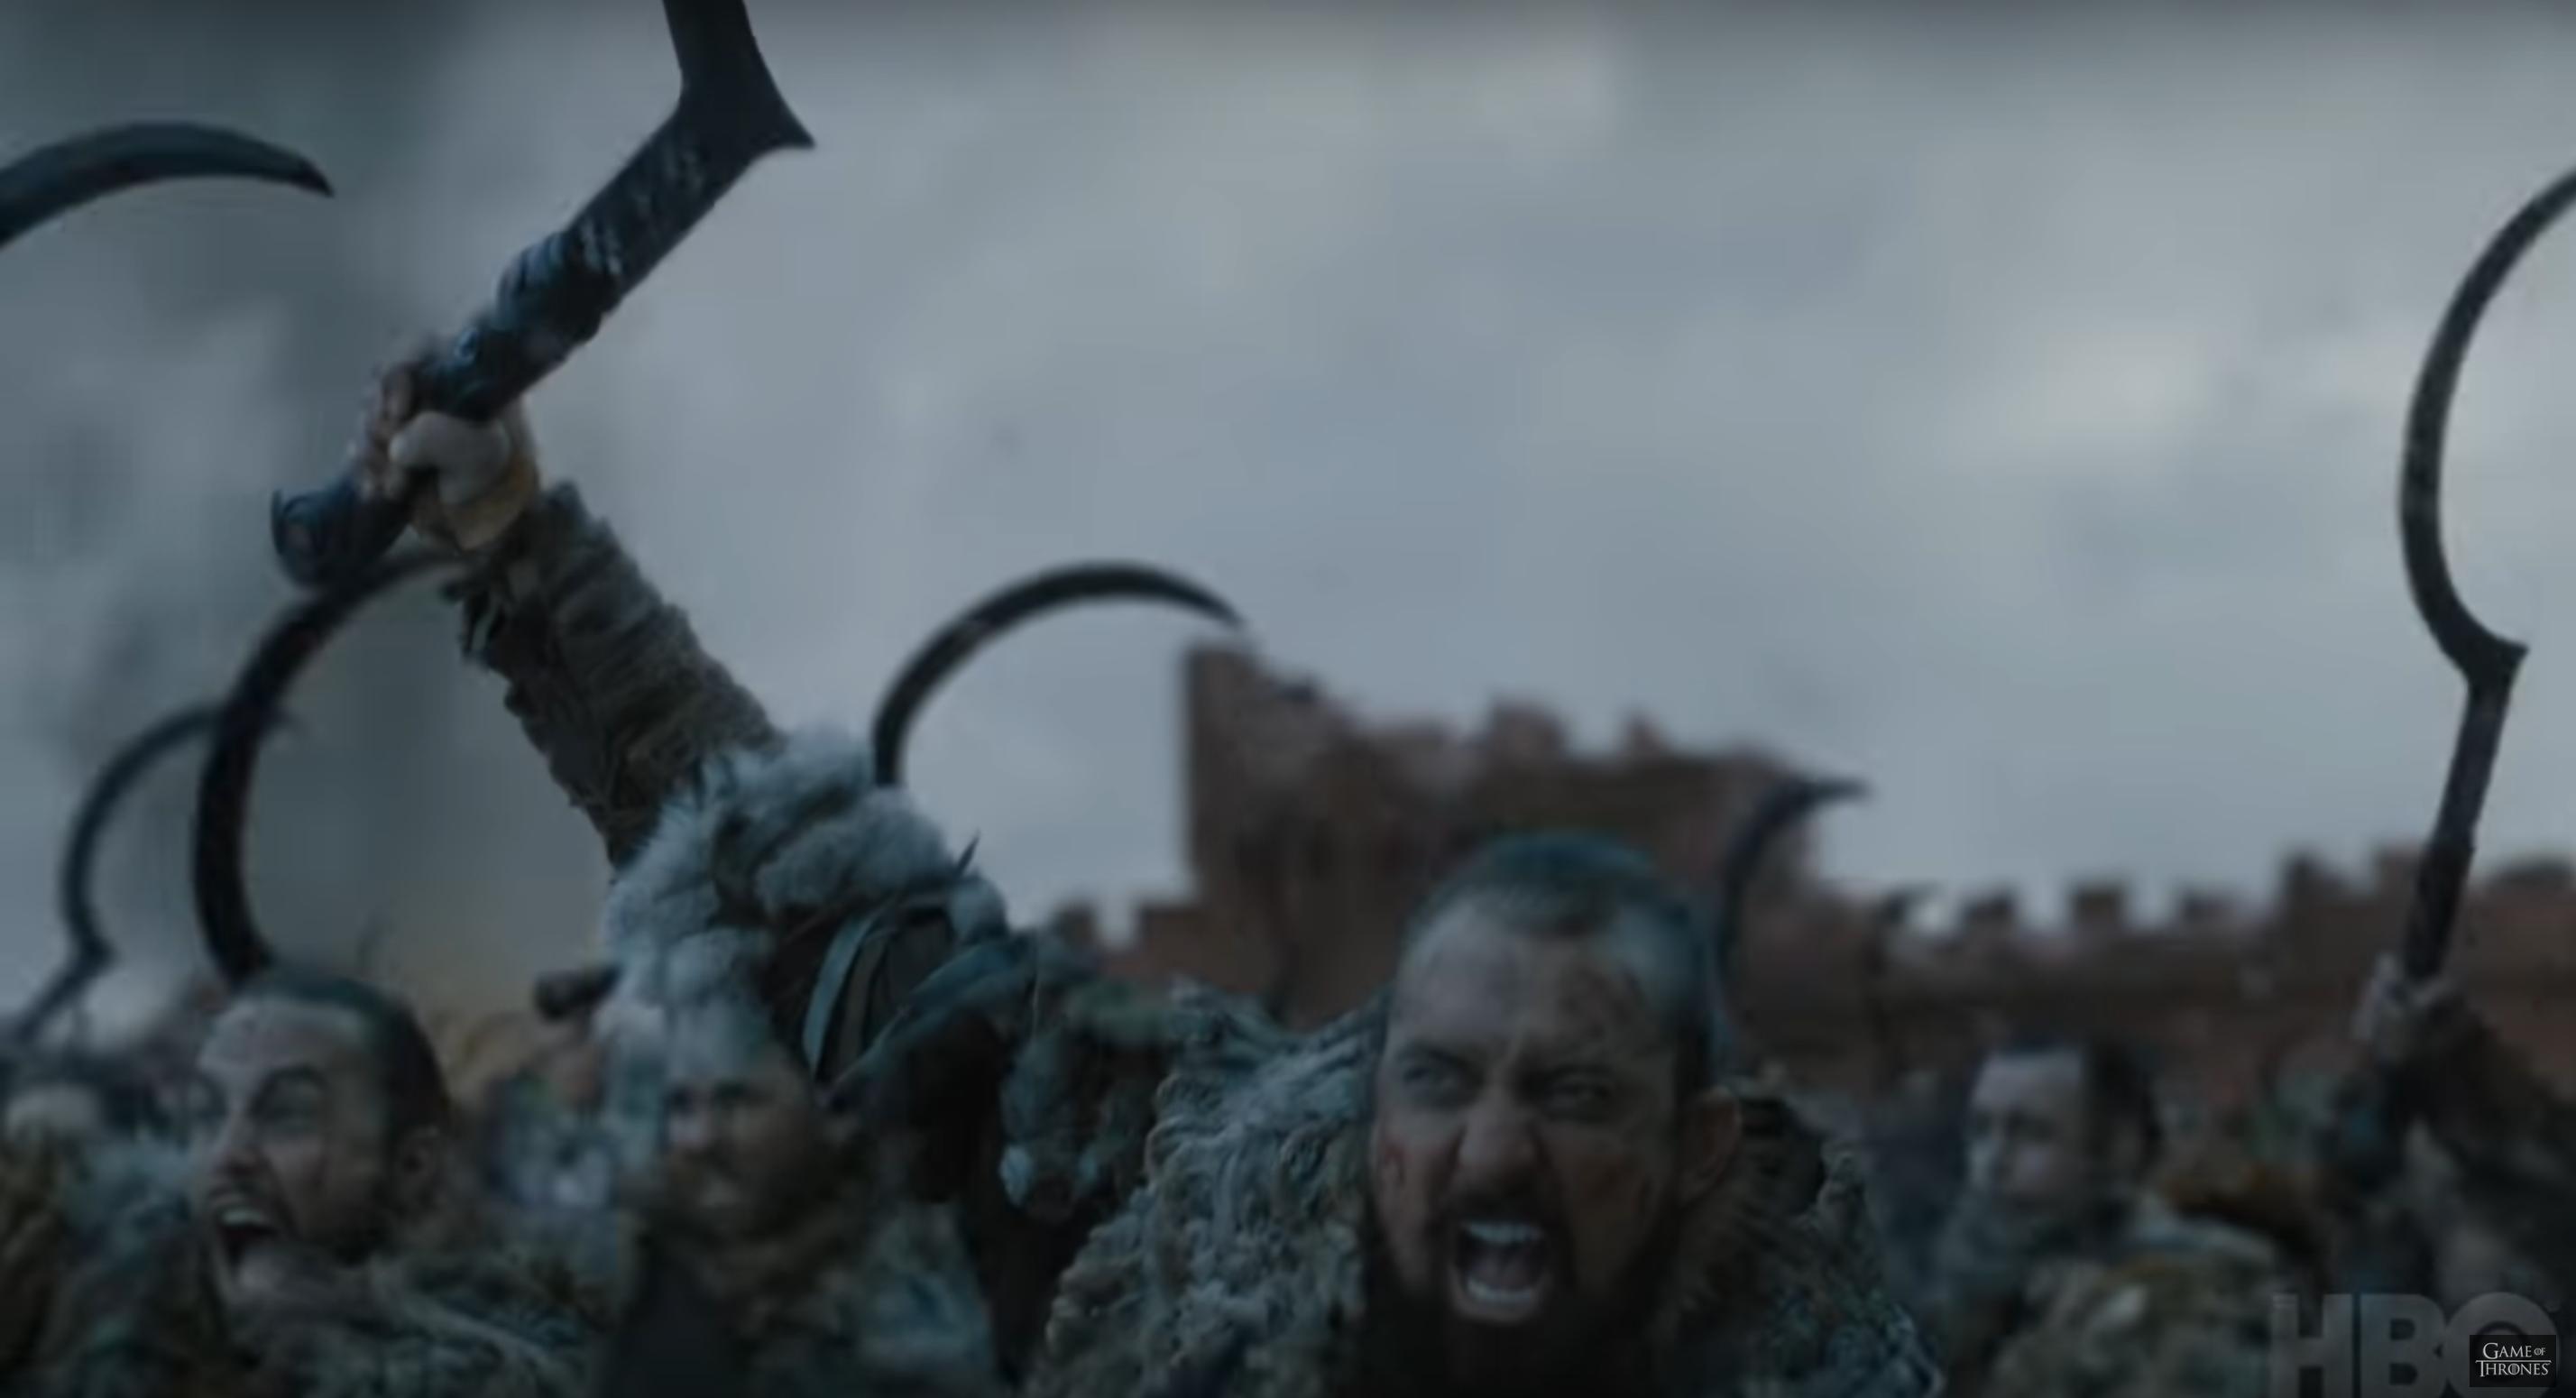 Game of Thrones dothrakis